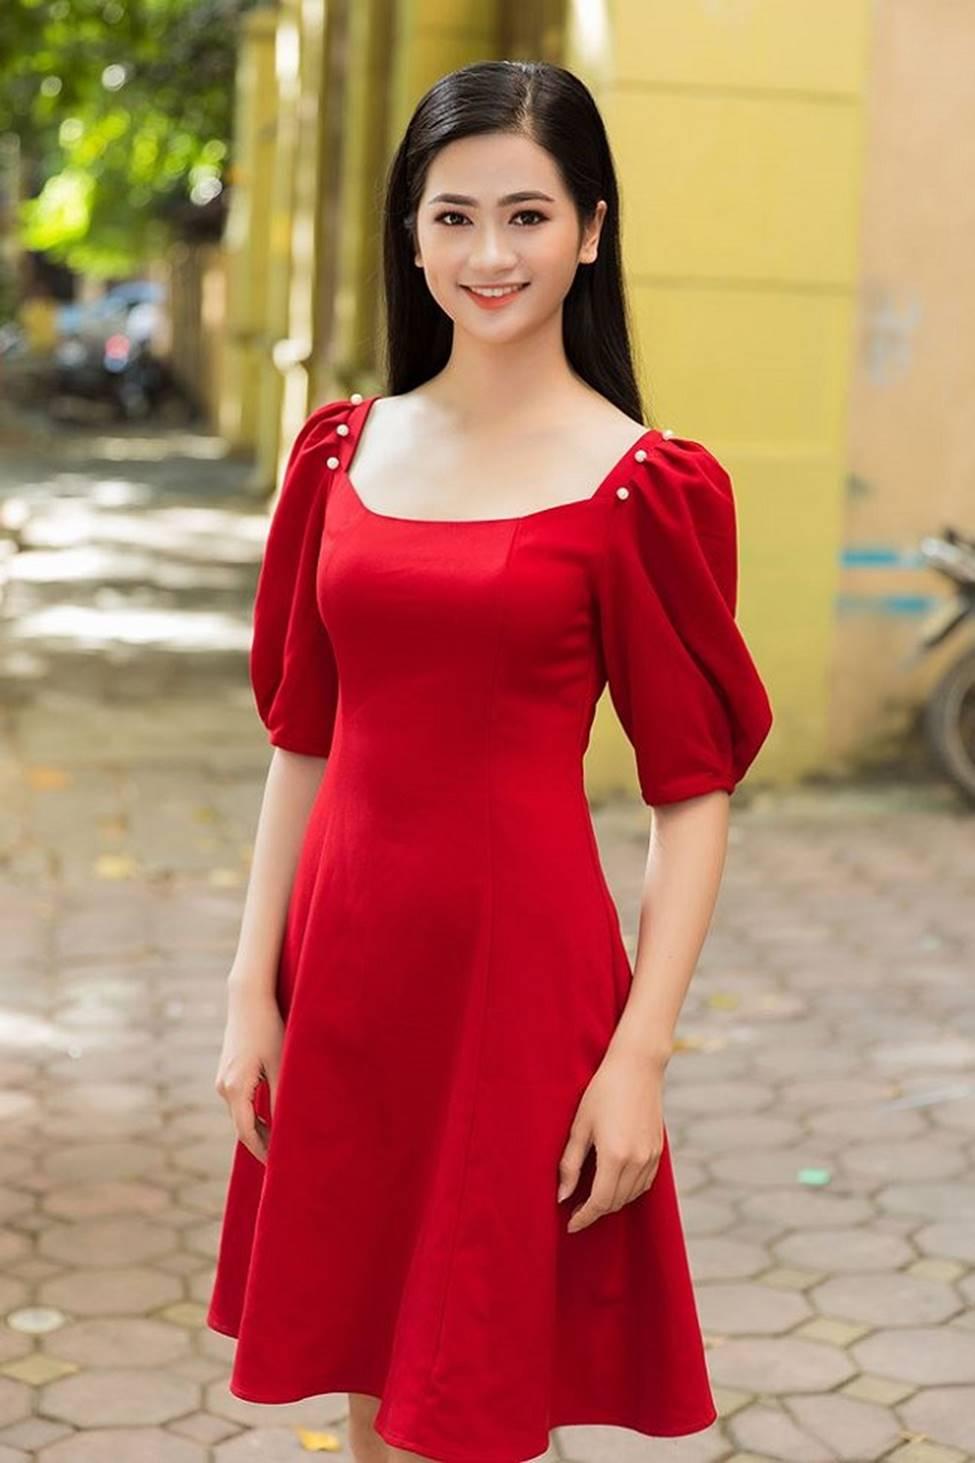 Nữ sinh 2000 đổ xô thi hoa hậu: Người đẹp Đà Nẵng giống Lưu Diệc Phi gây chú ý-9